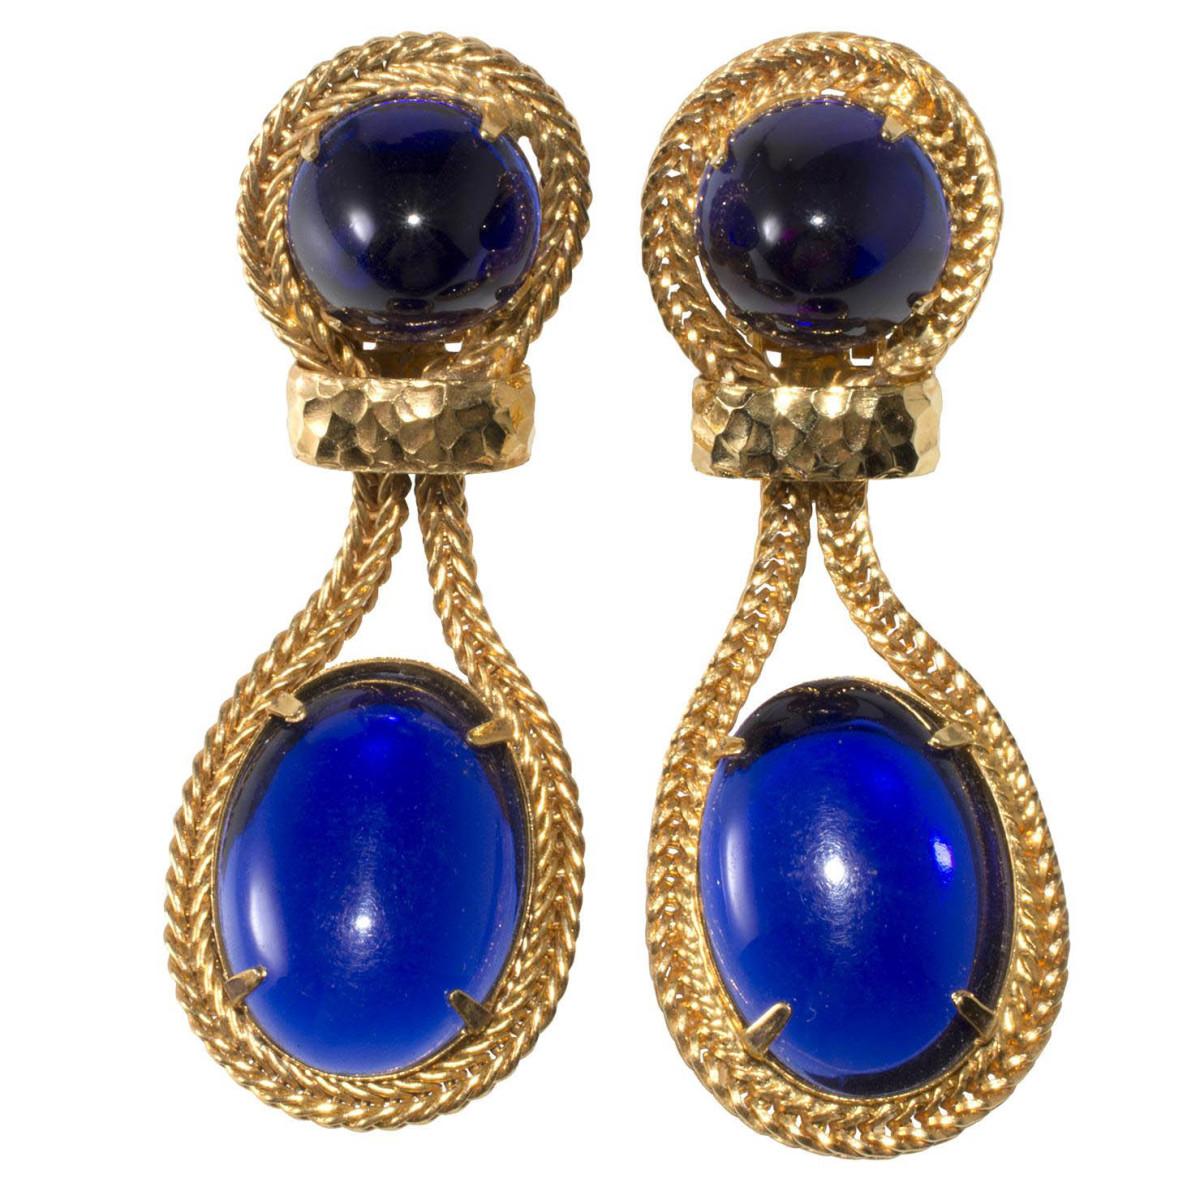 K.J.L. cabochon earrings